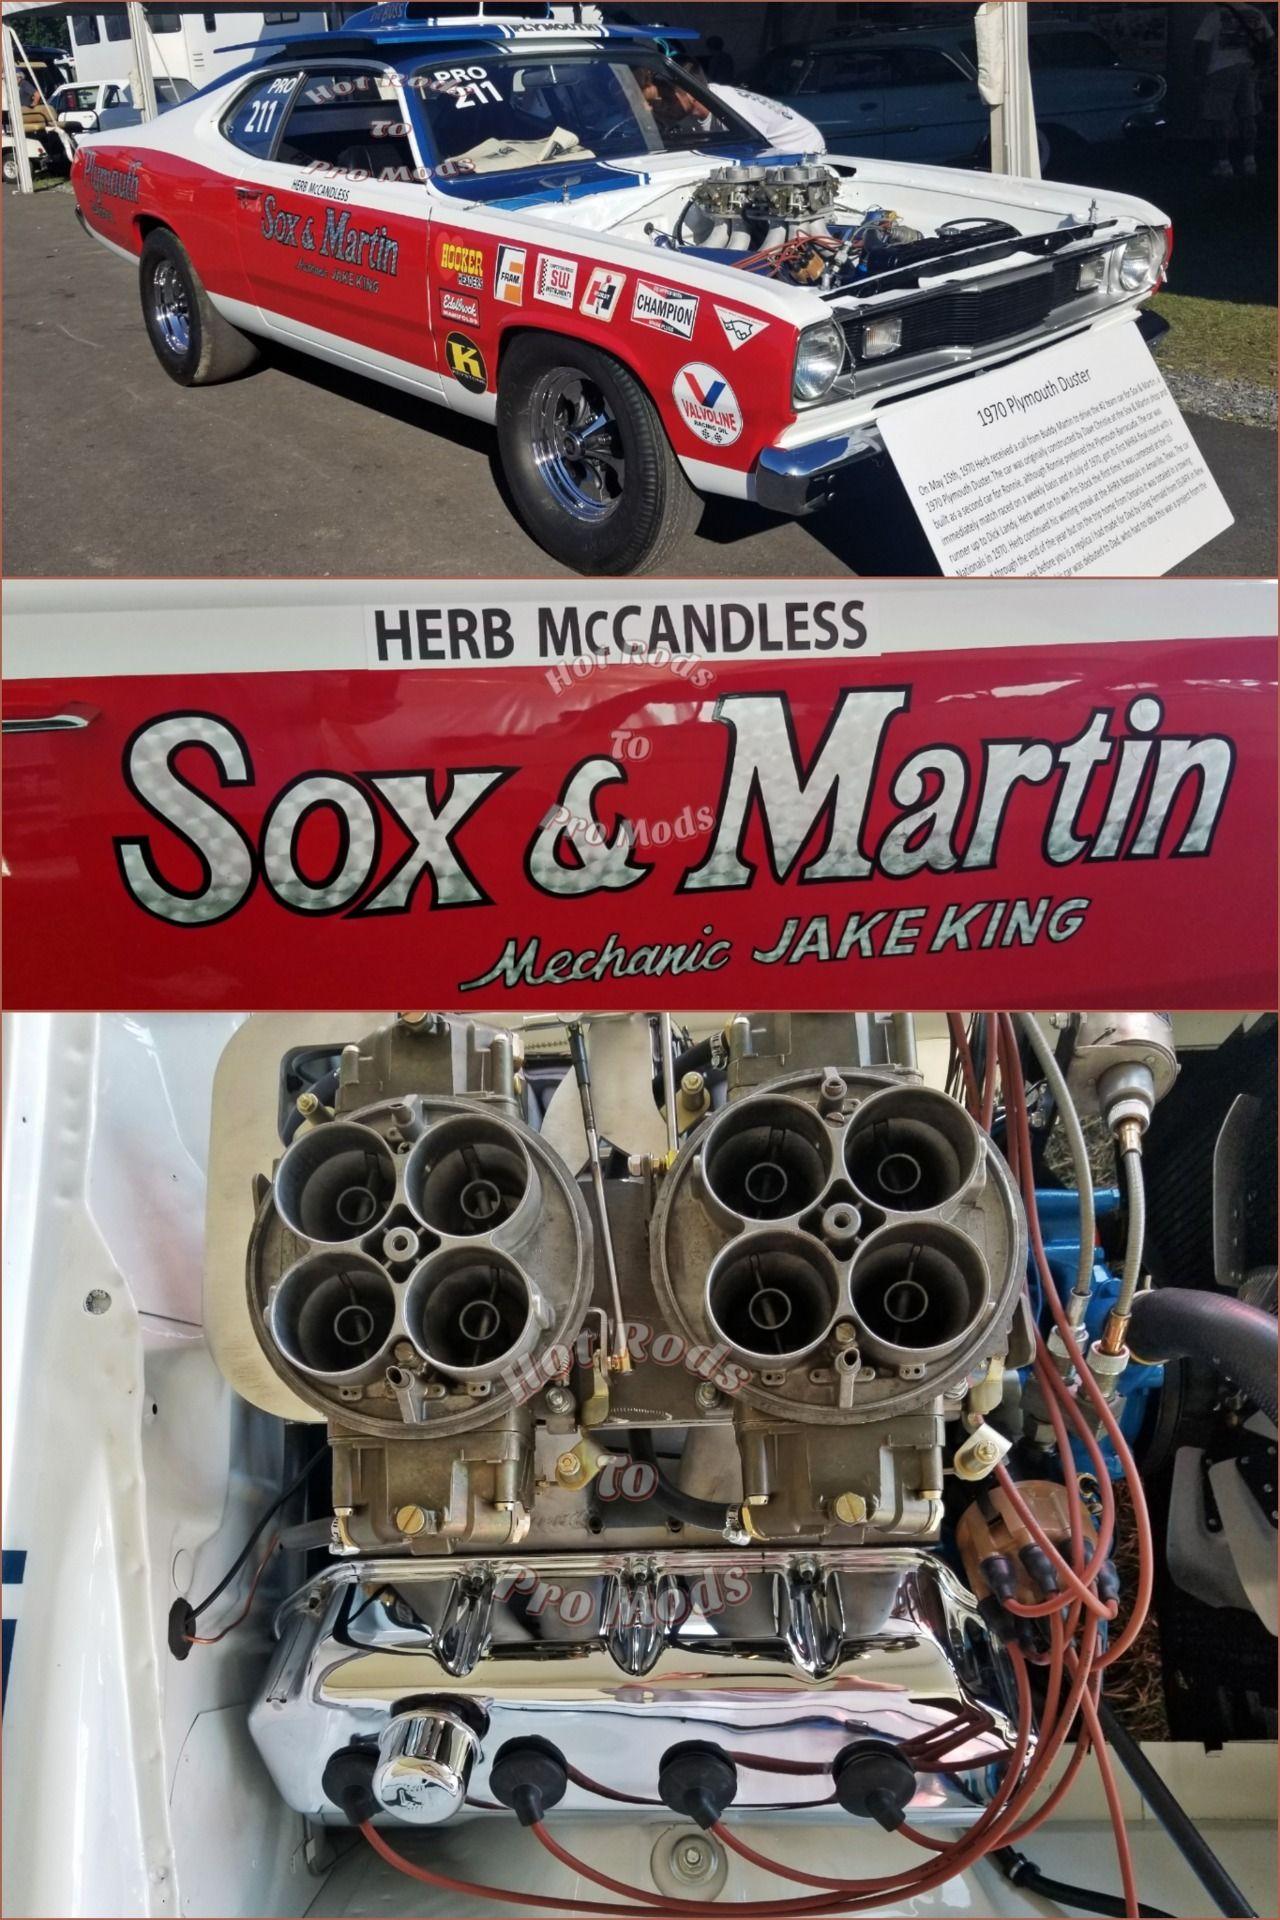 Hot Rods To Pro Mods Doorwarz Classic Cars Trucks Hot Rods Funny Car Drag Racing Drag Racing Cars